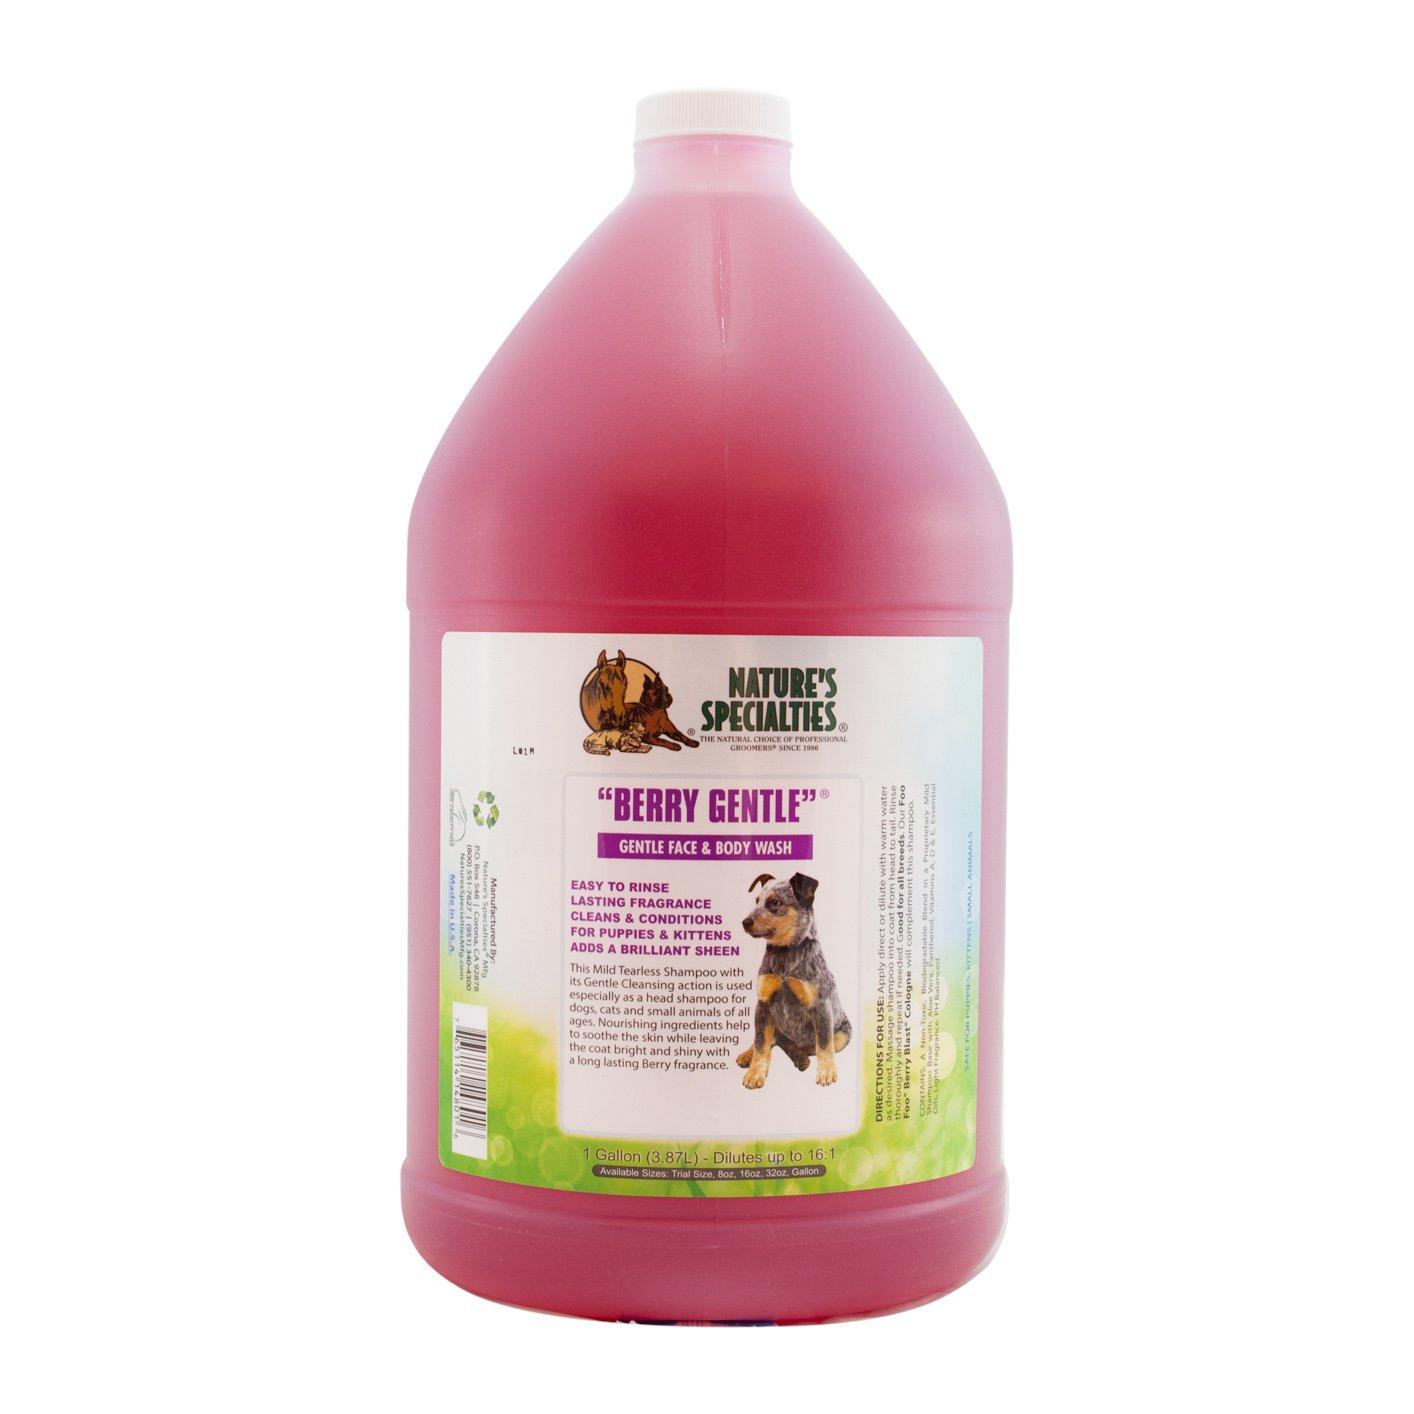 Nature's Specialties Berry Gentle Pet Shampoo